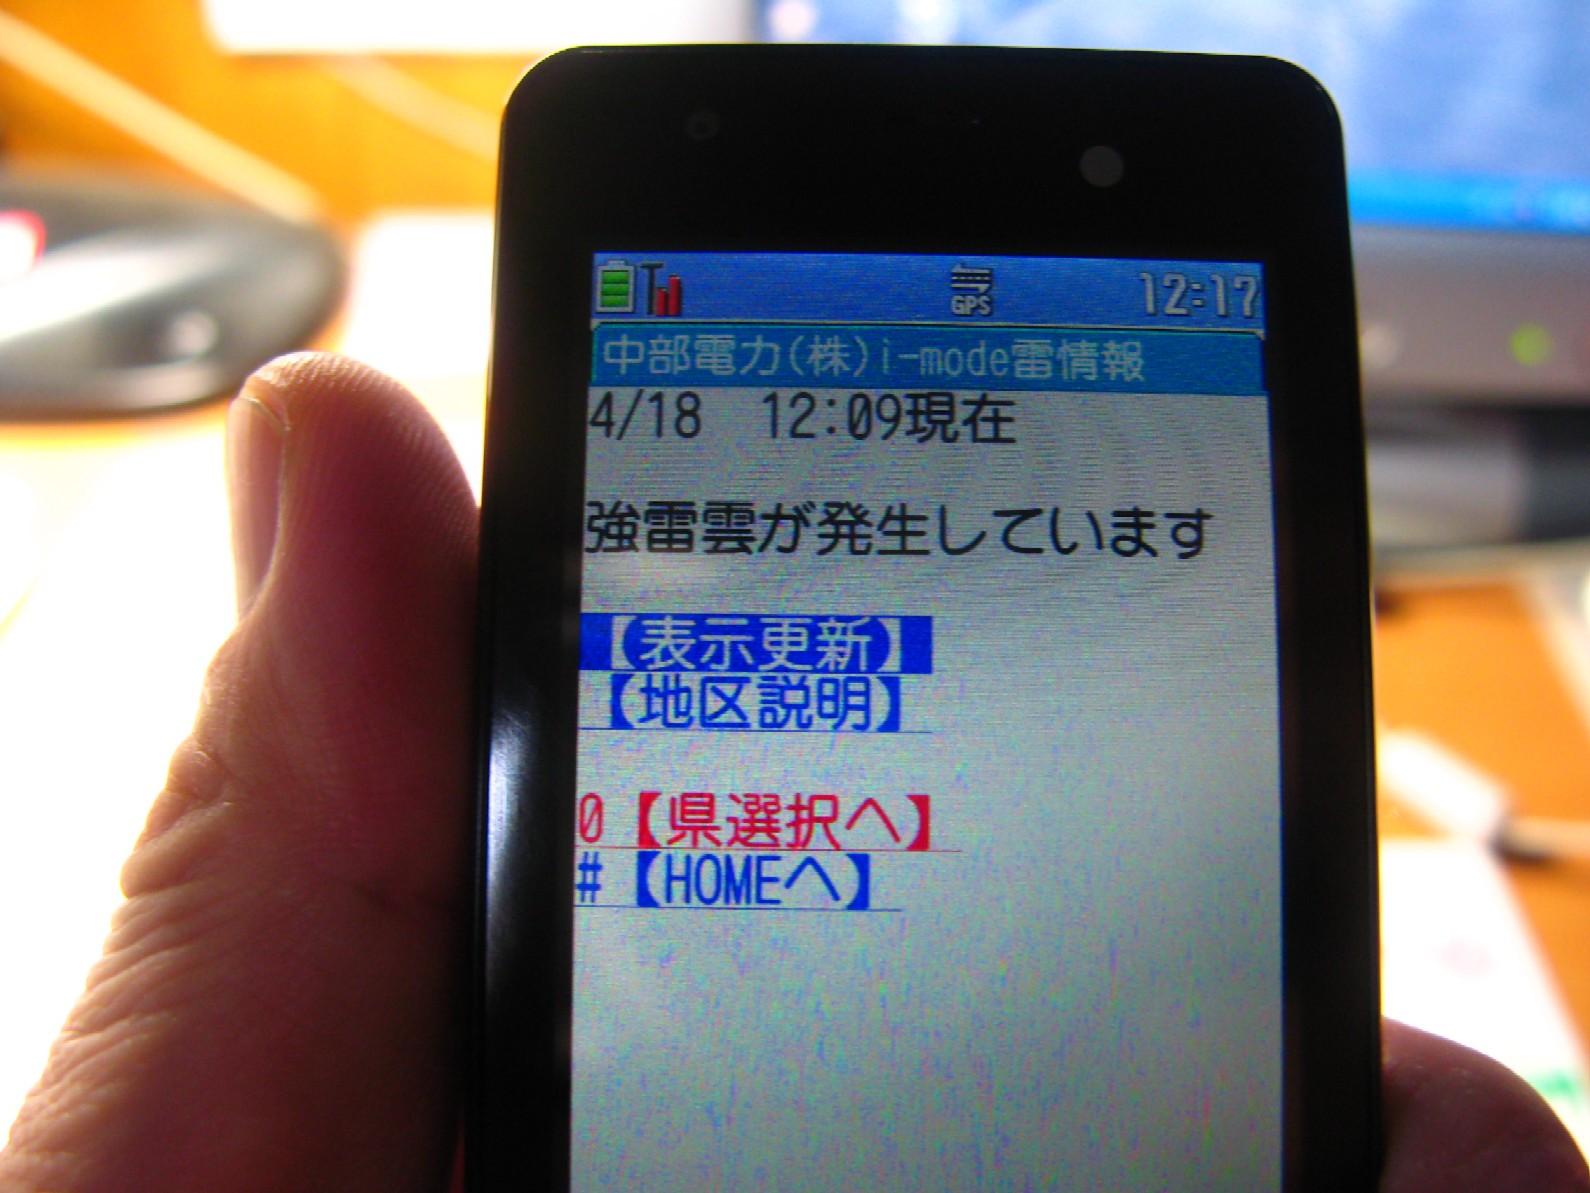 中部電力雷情報携帯版